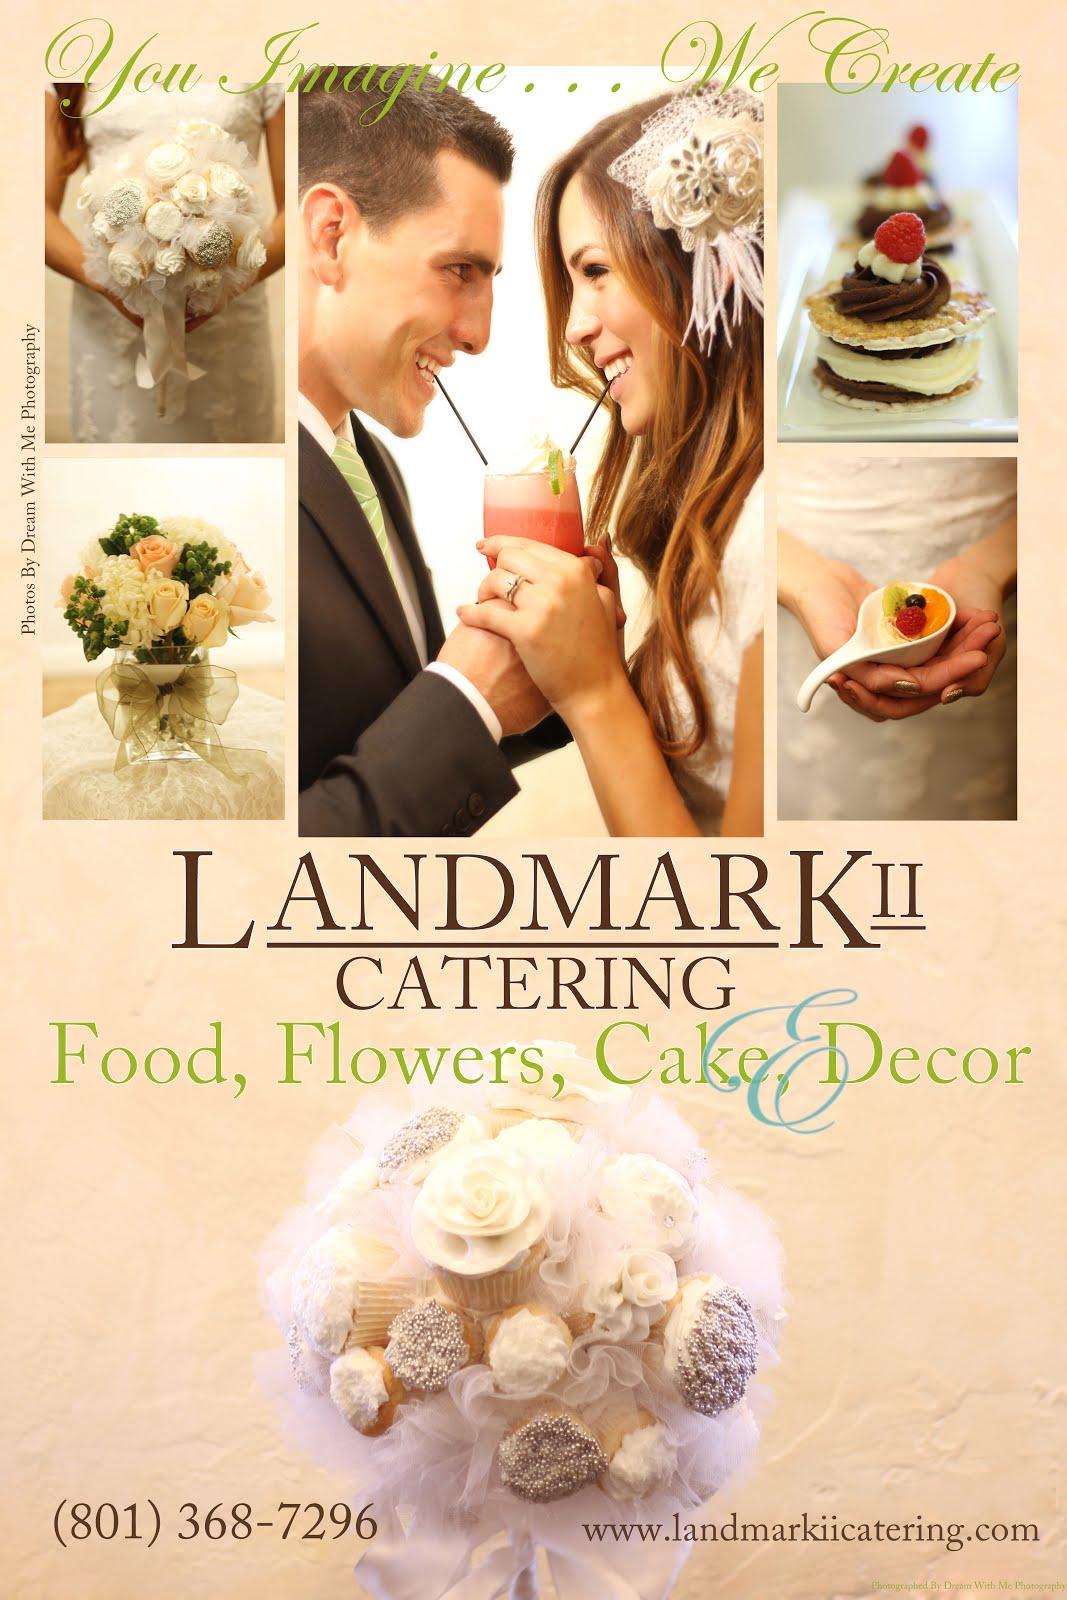 Landmark Catering